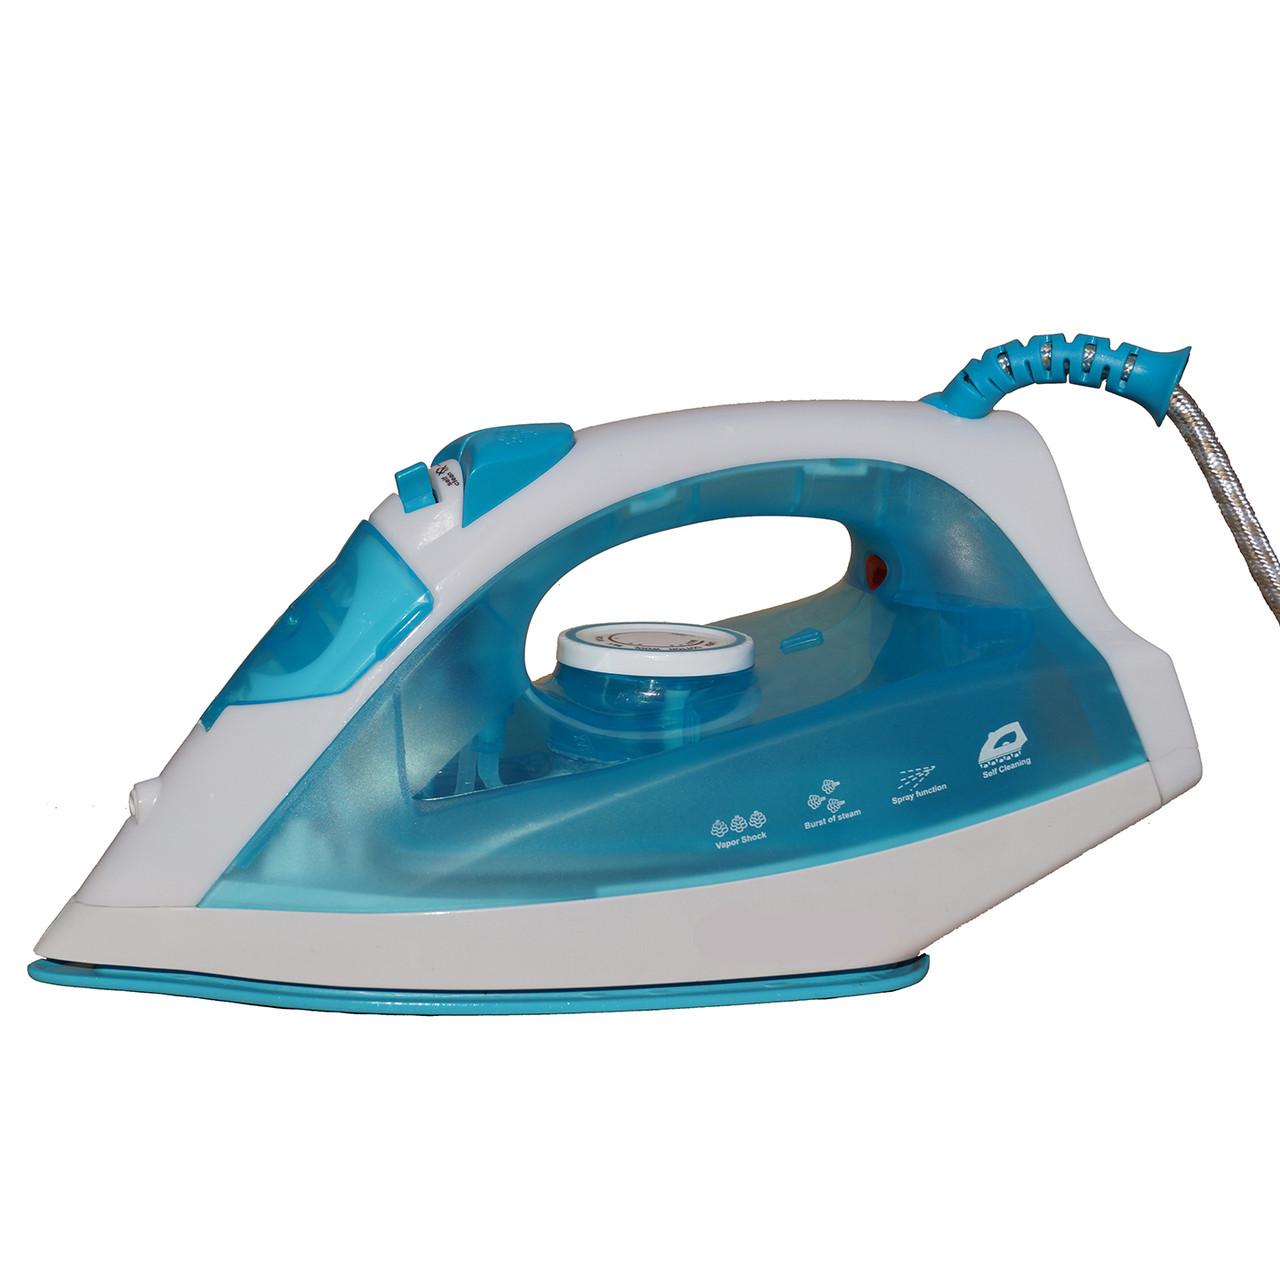 Утюг DT 1135 blue  распродажа